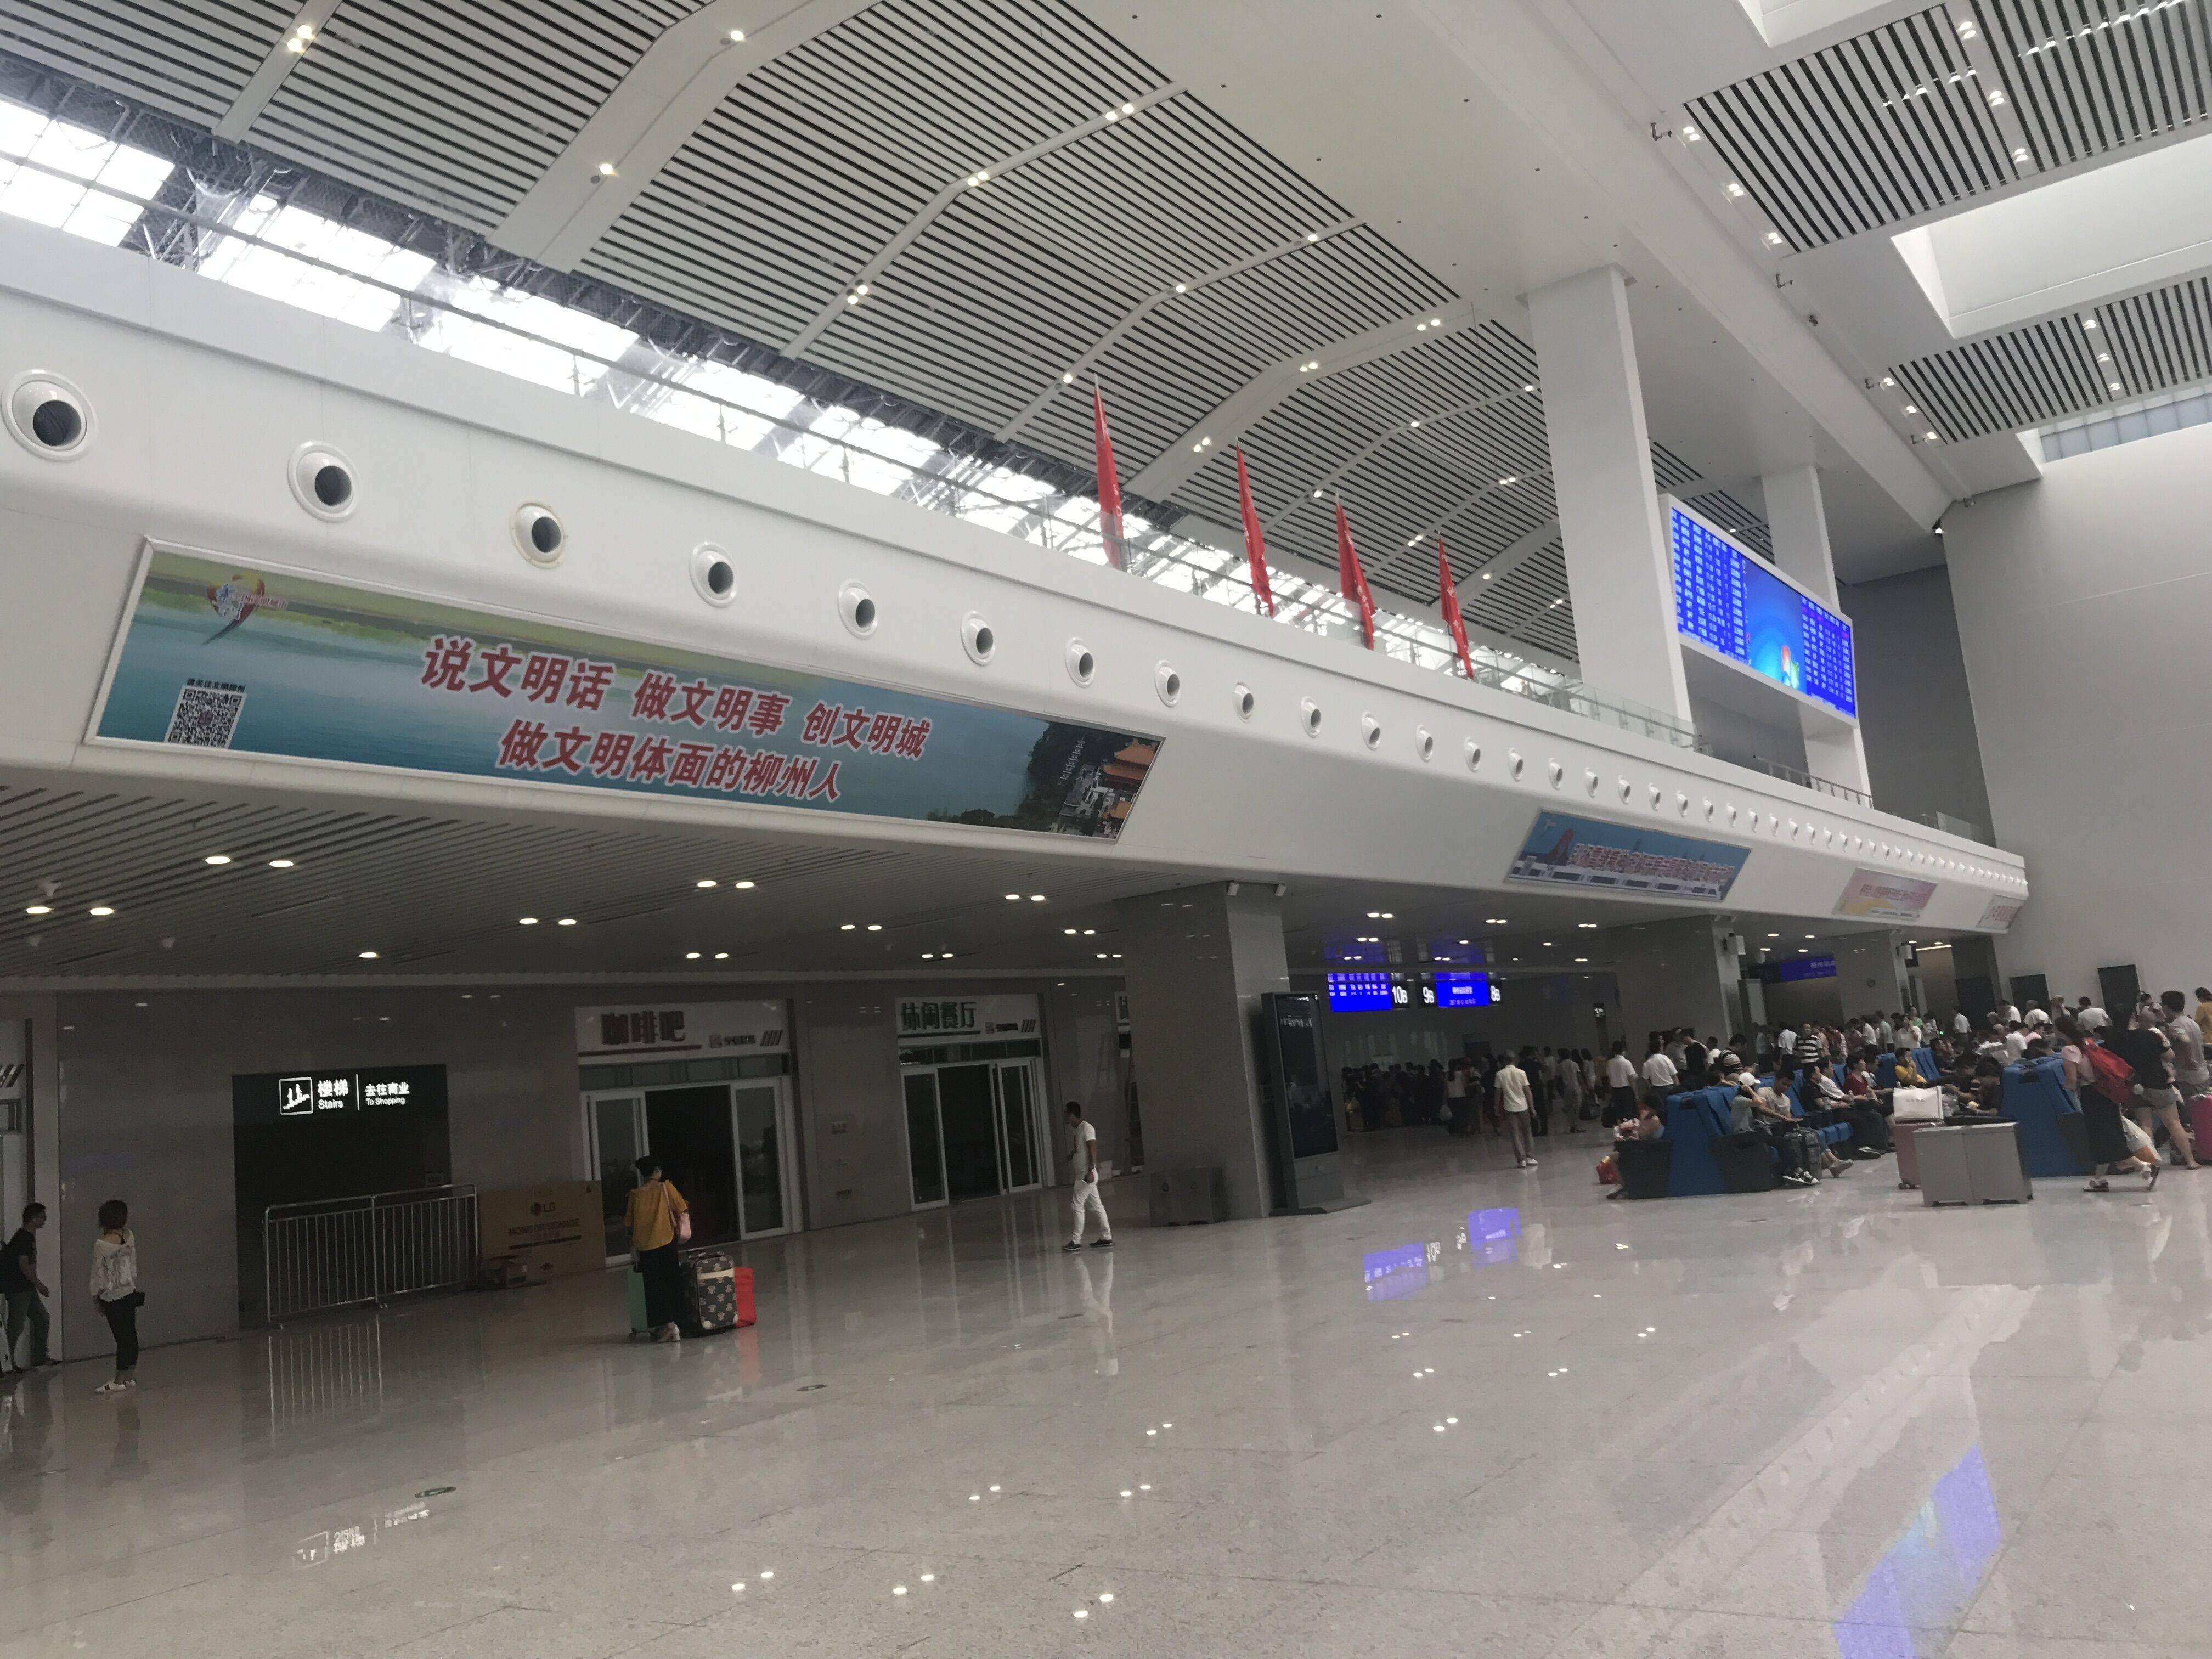 广西柳州市火车站高铁站候车大厅灯箱媒体广告位